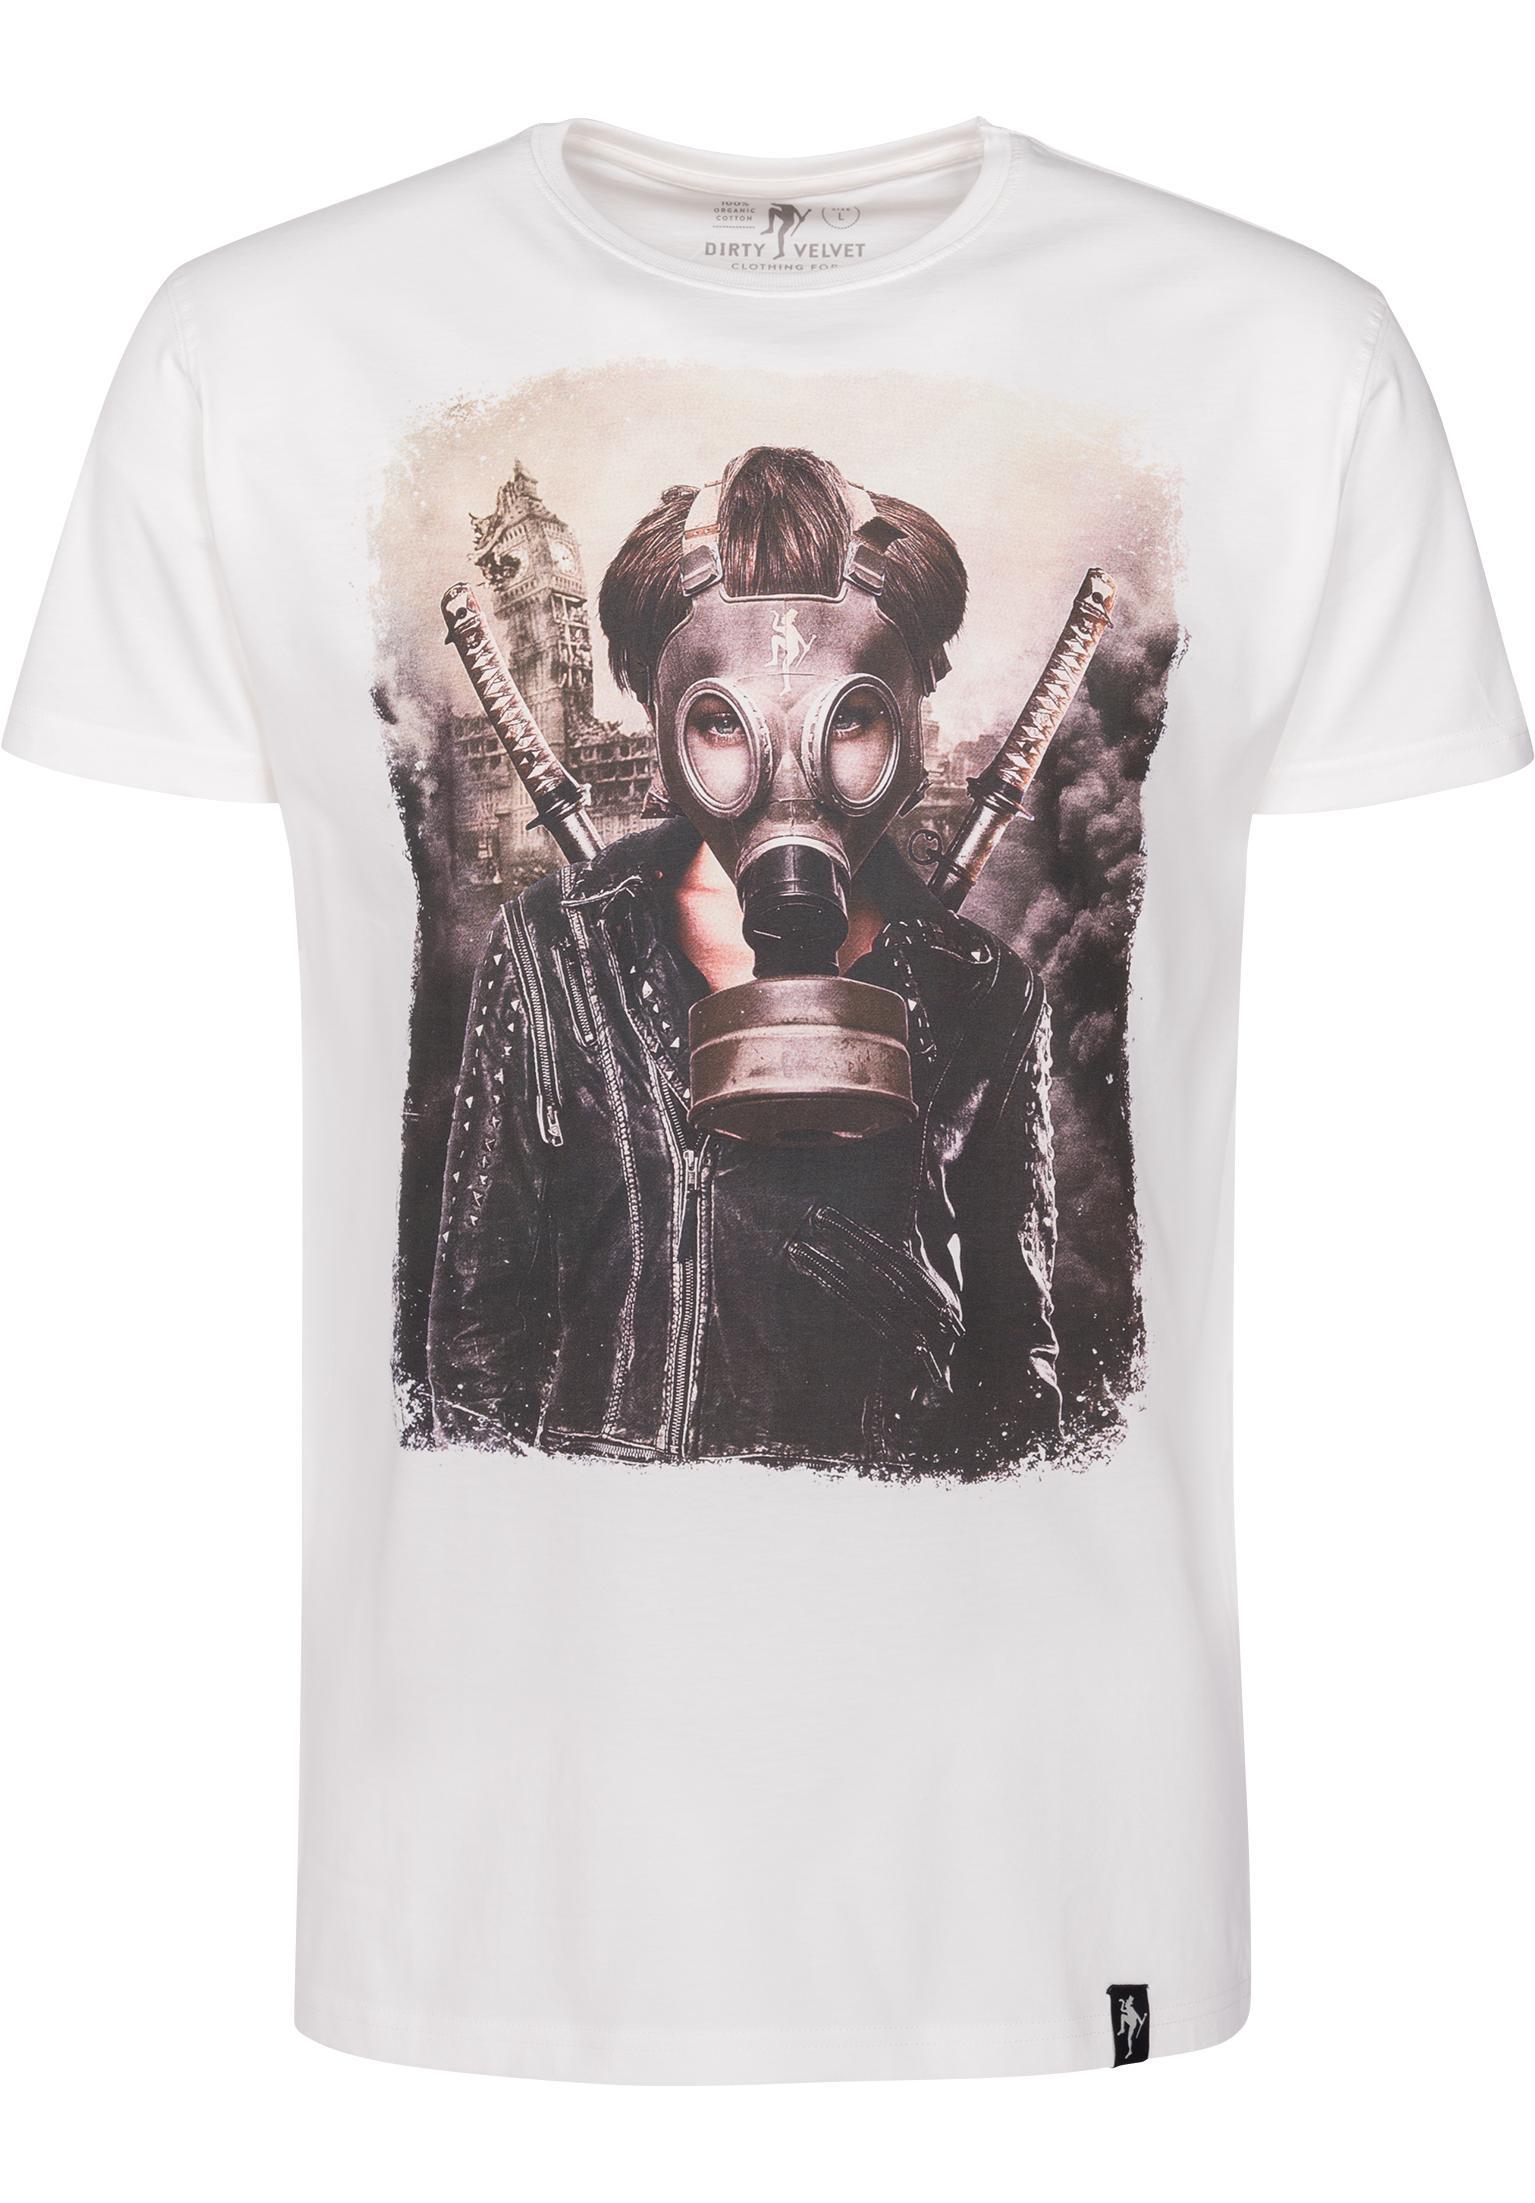 72d1eb8c00 Brave New World Dirty Velvet T-Shirts in vintagewhite for Men